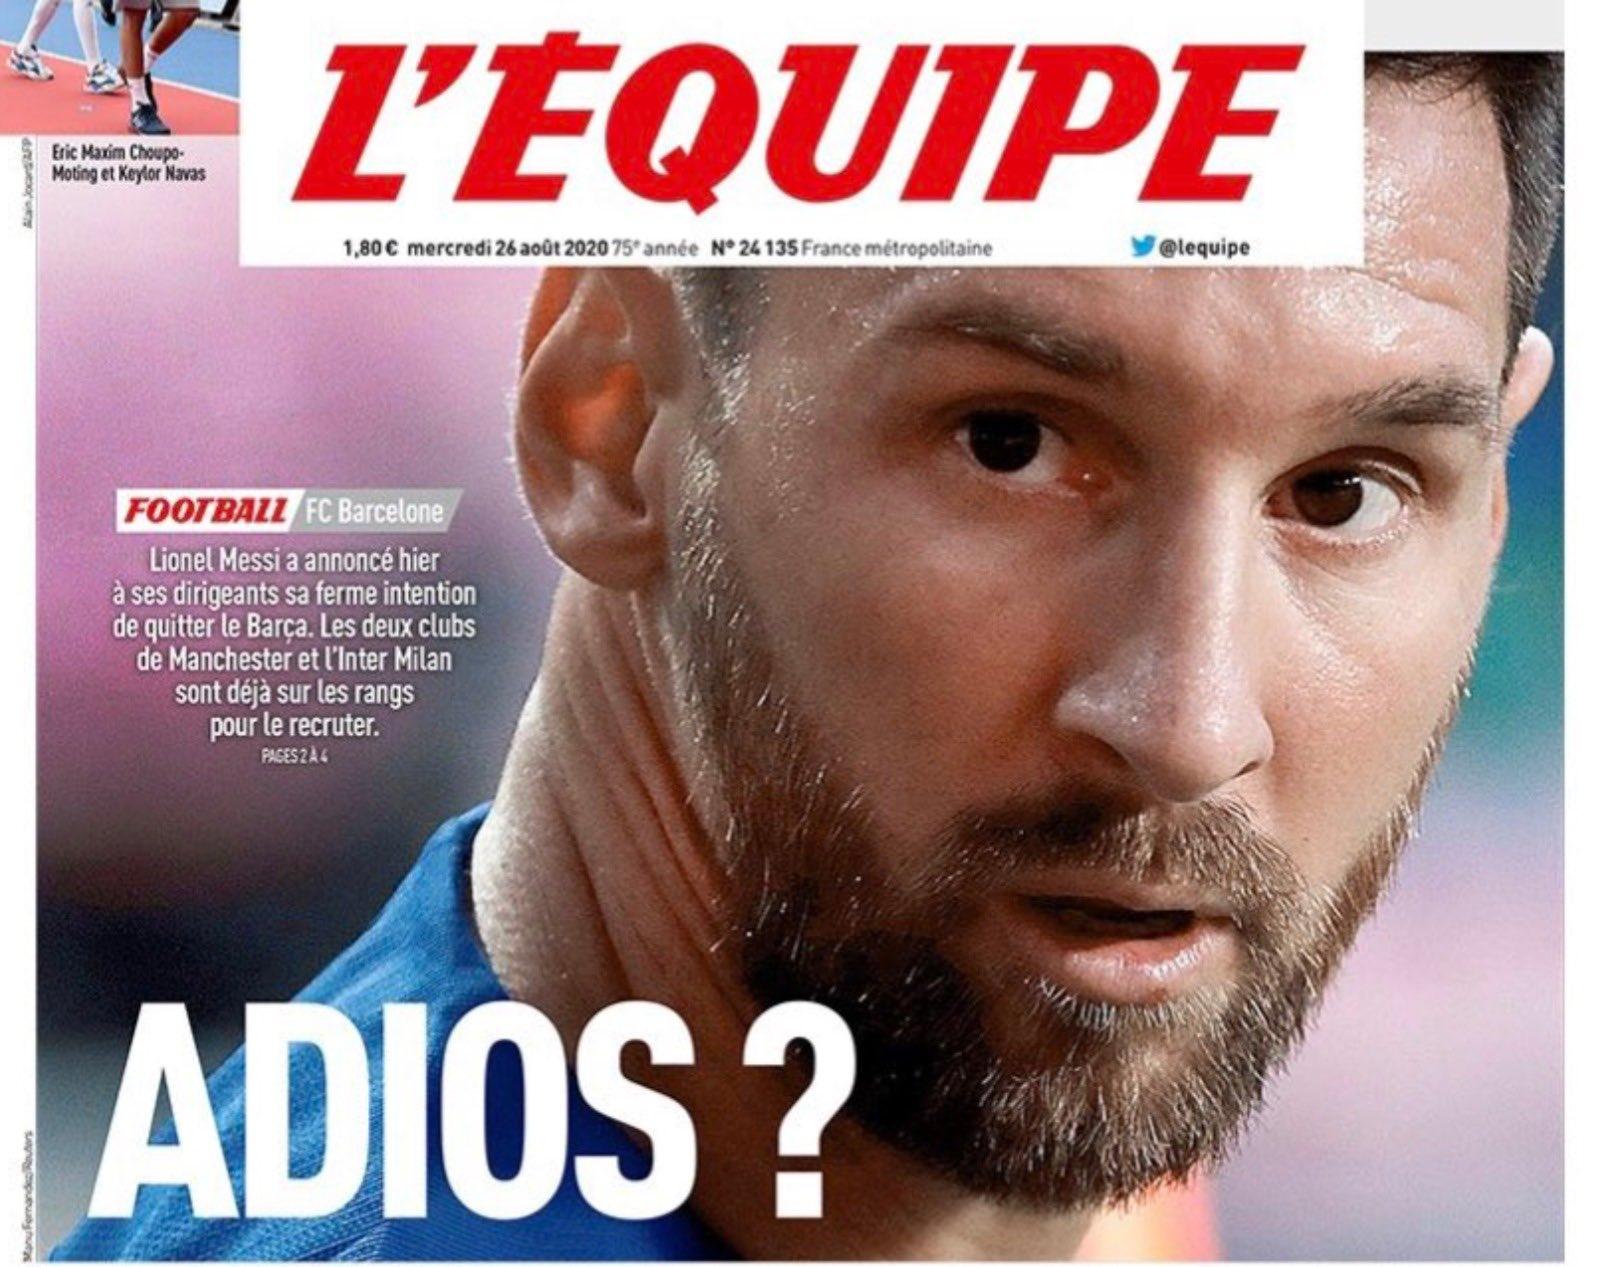 多家媒体封面聚焦梅西离队:梅西已明确表示自己想离开巴萨